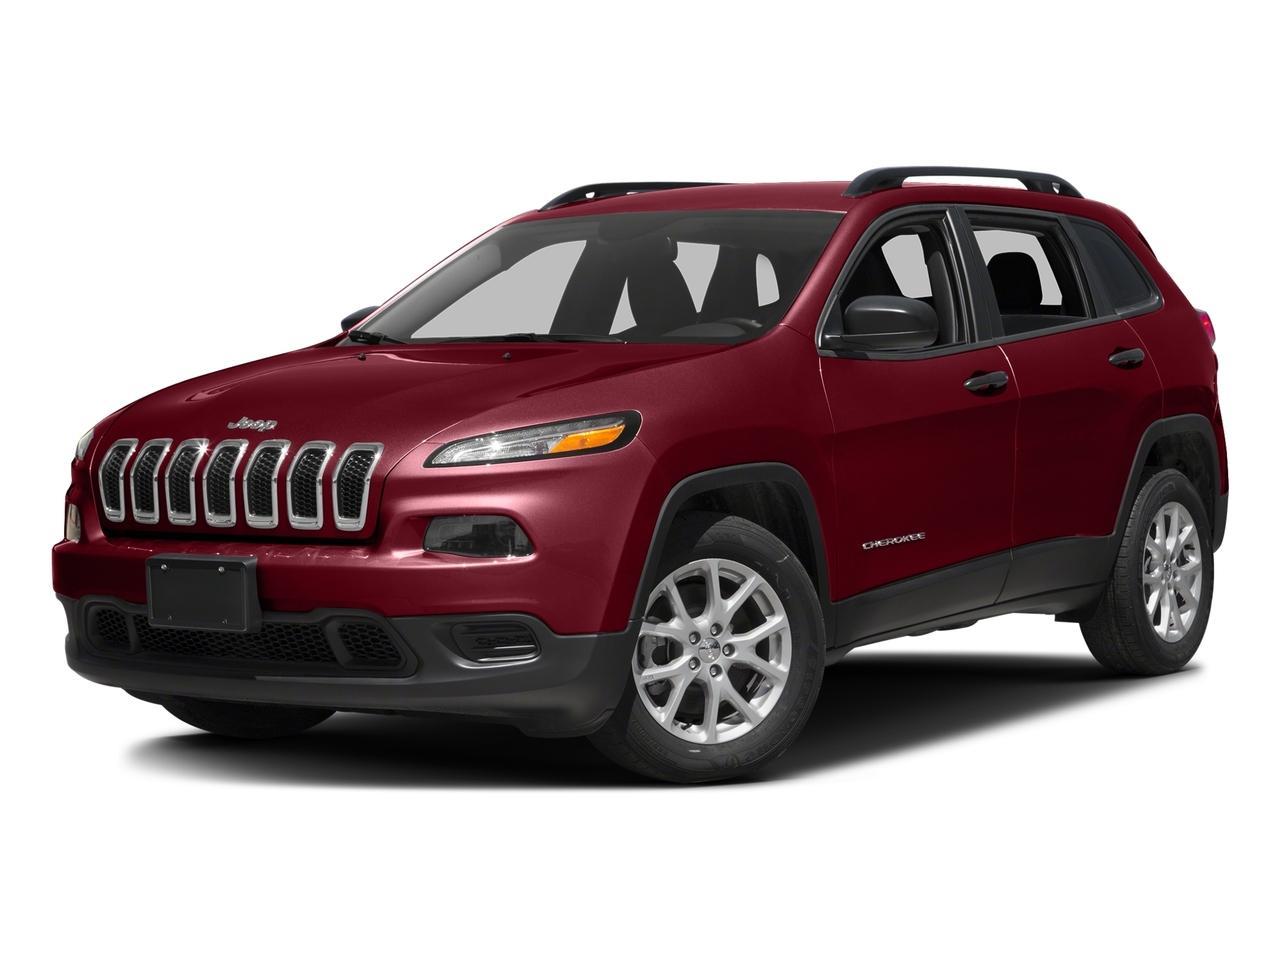 2017 Jeep Cherokee Vehicle Photo in Oshkosh, WI 54904